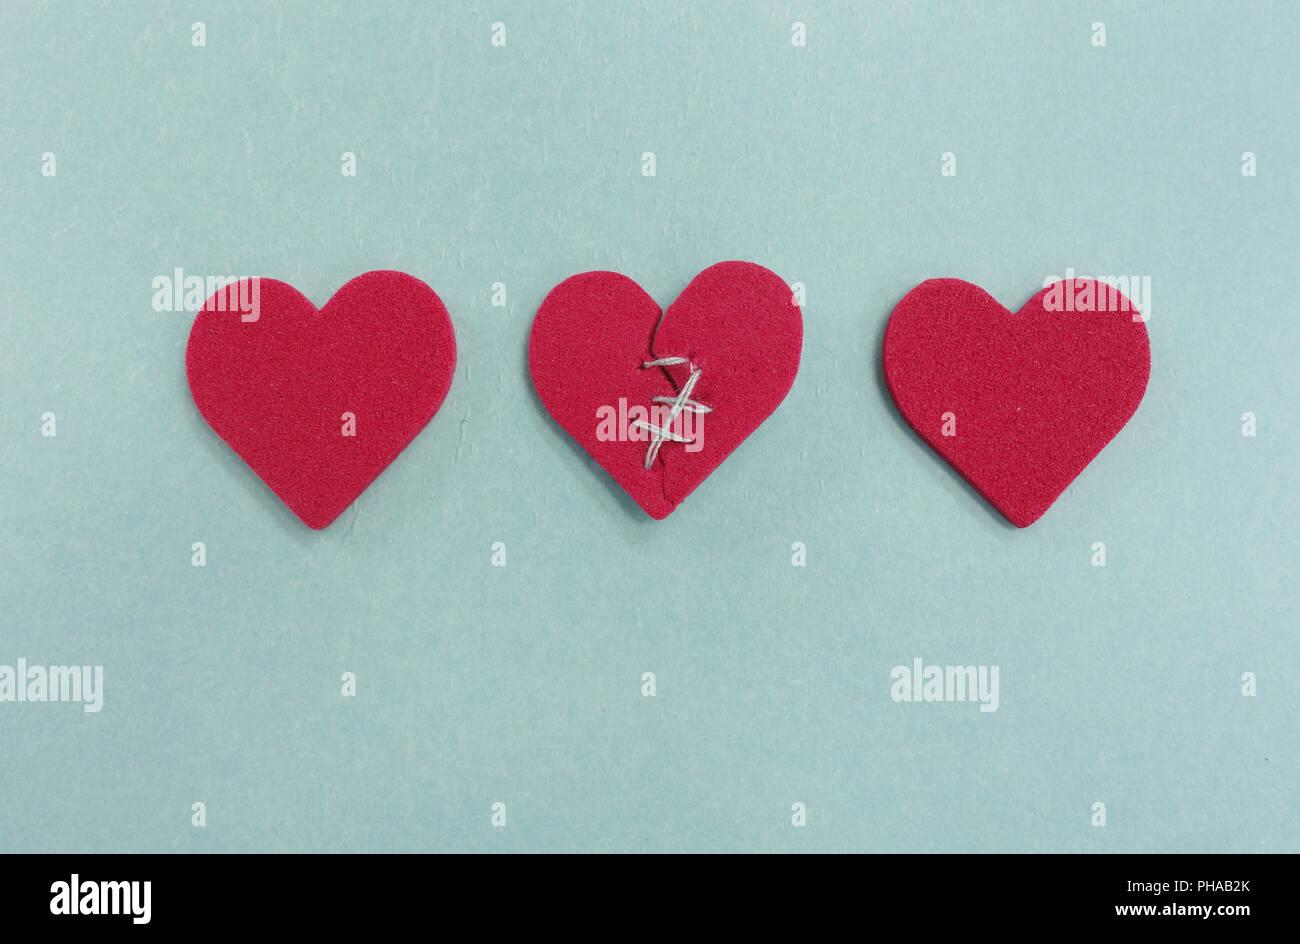 Three Hearts Stock Image